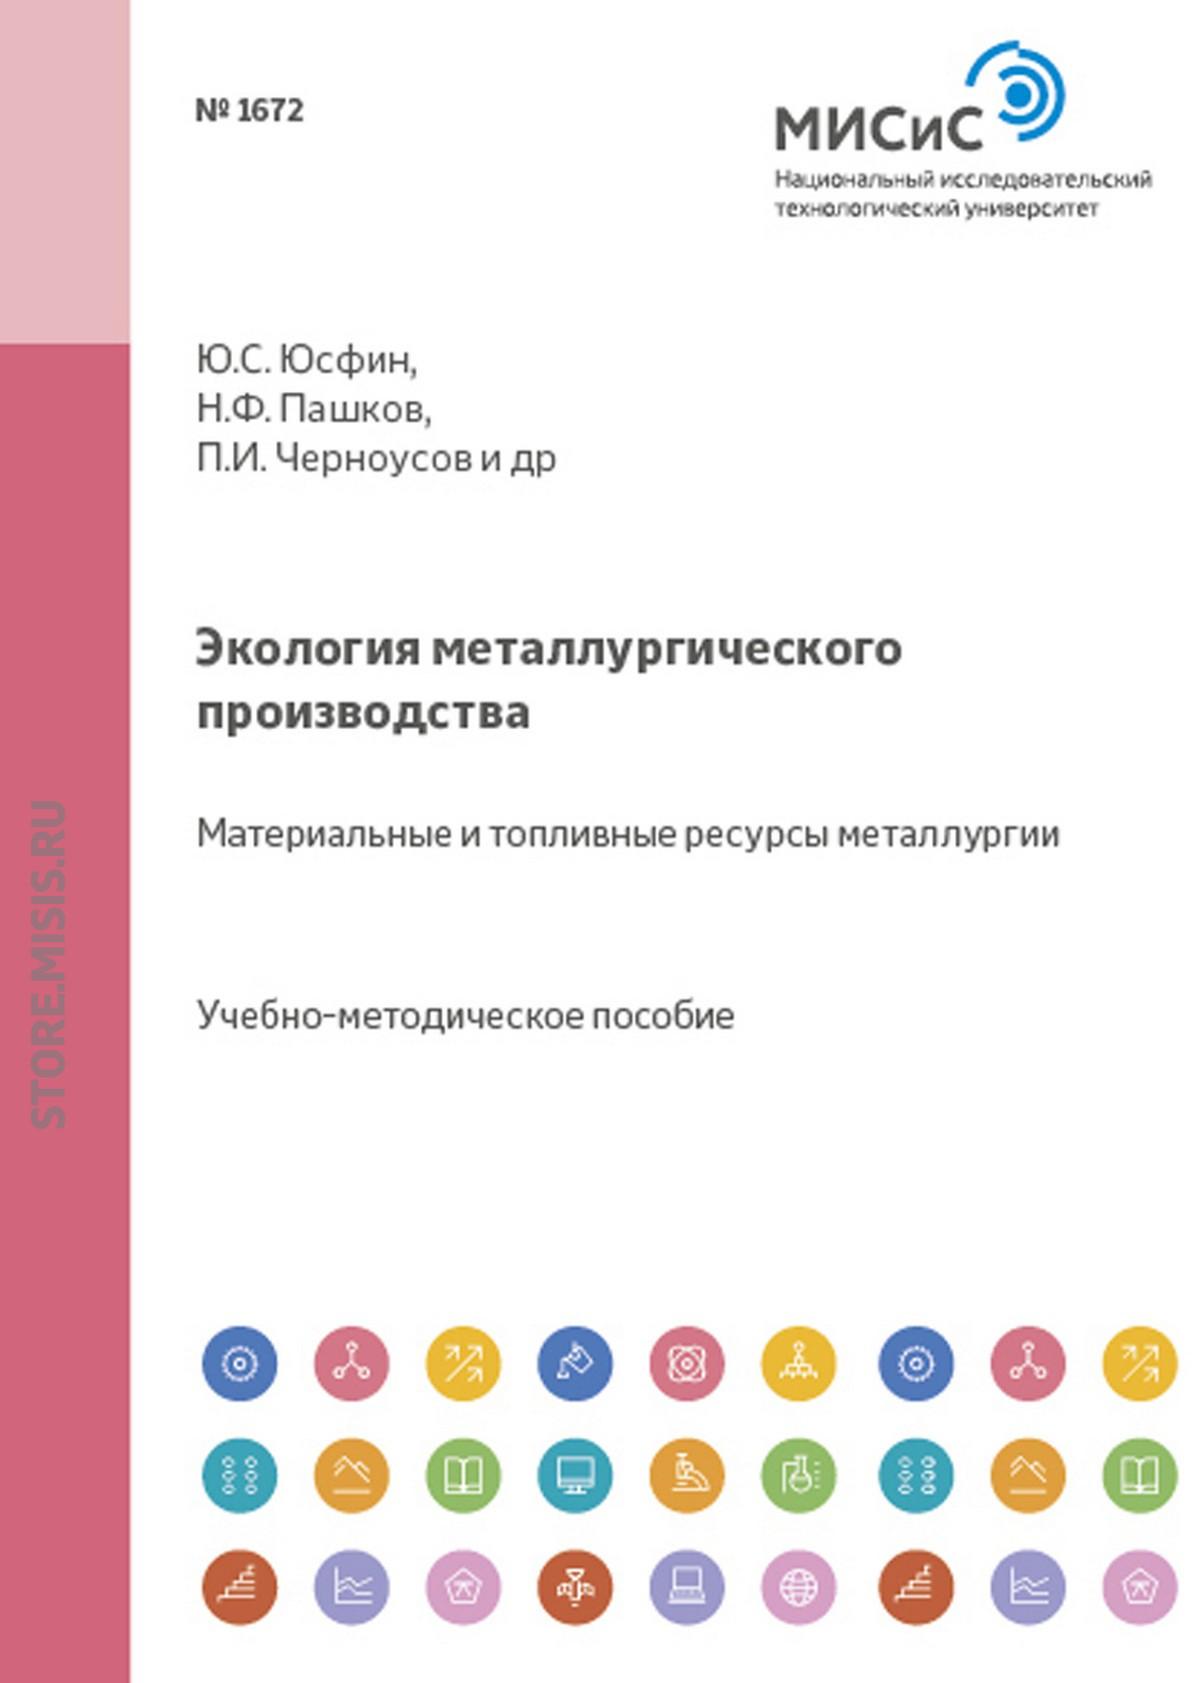 Сергей Неделин Экология металлургического производства. Материальные и топливные ресурсы металлургии топливные добавки